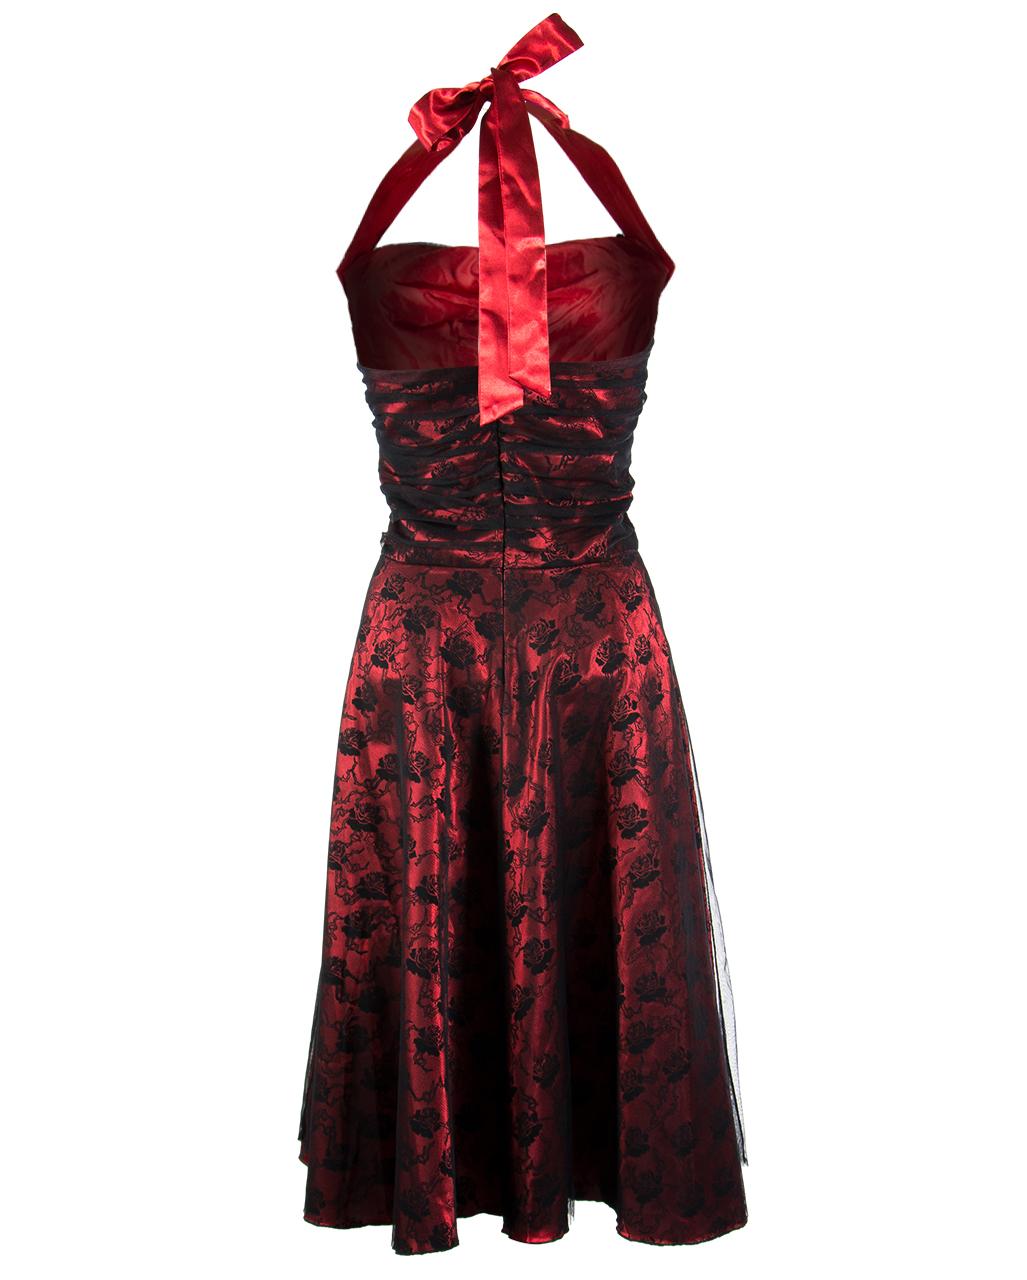 ROTE KLEIDER: Rotes Kleid online kaufen P&C Online